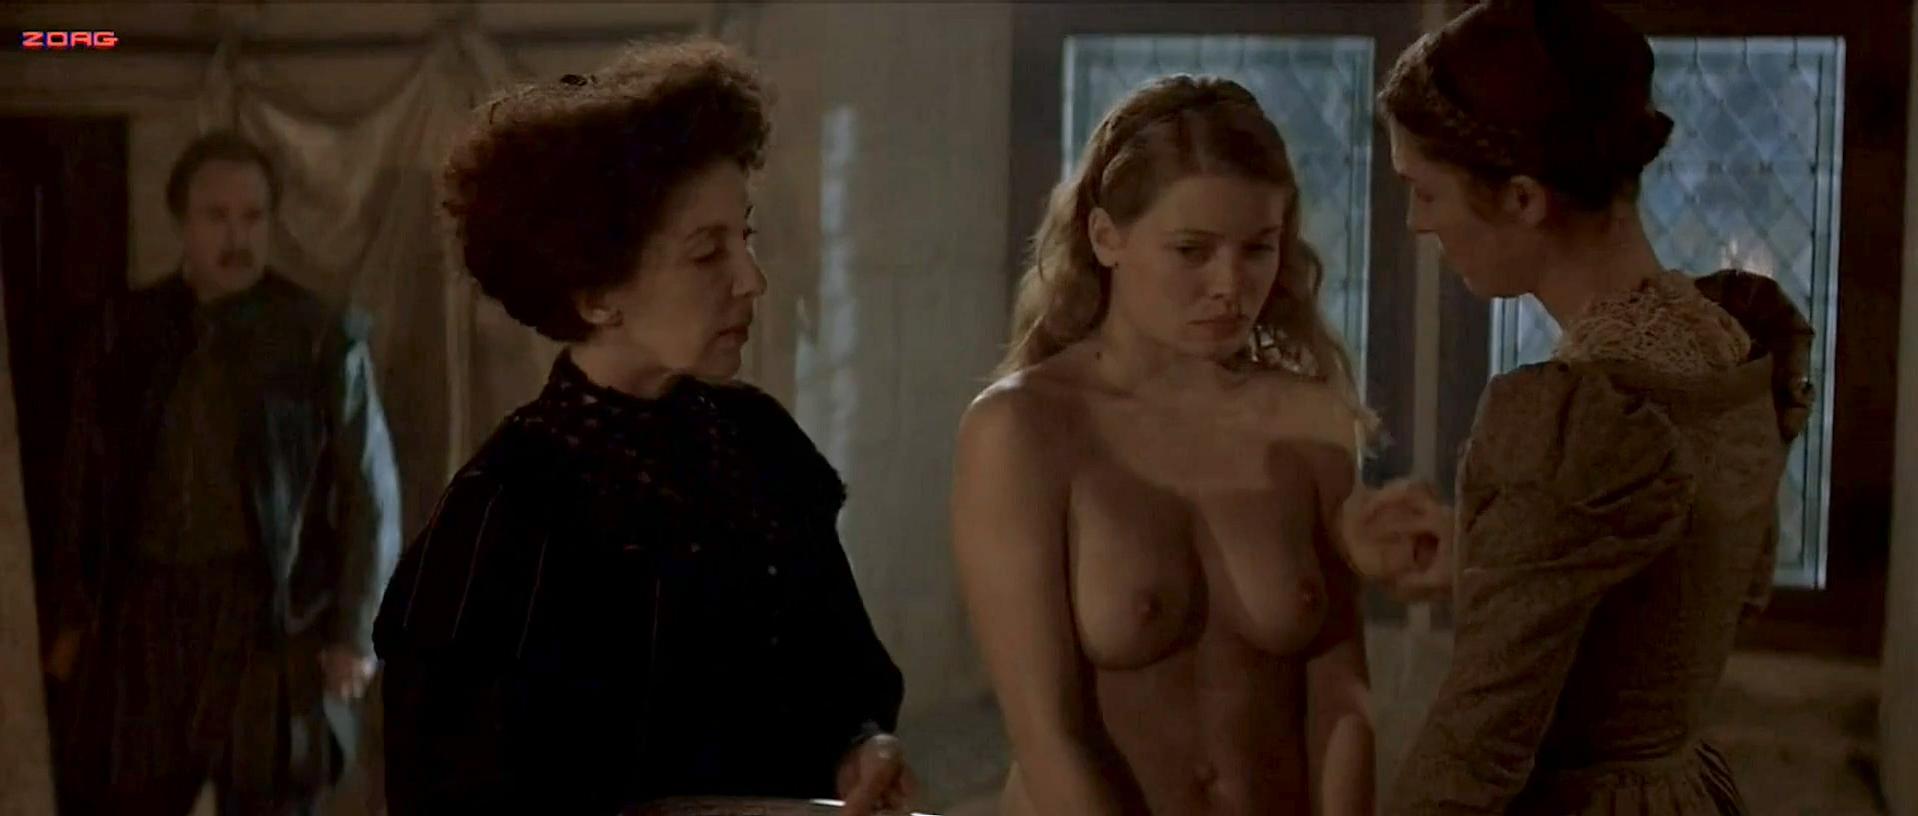 Melanie Thierry nude - La princesse de Montpensier (2010)